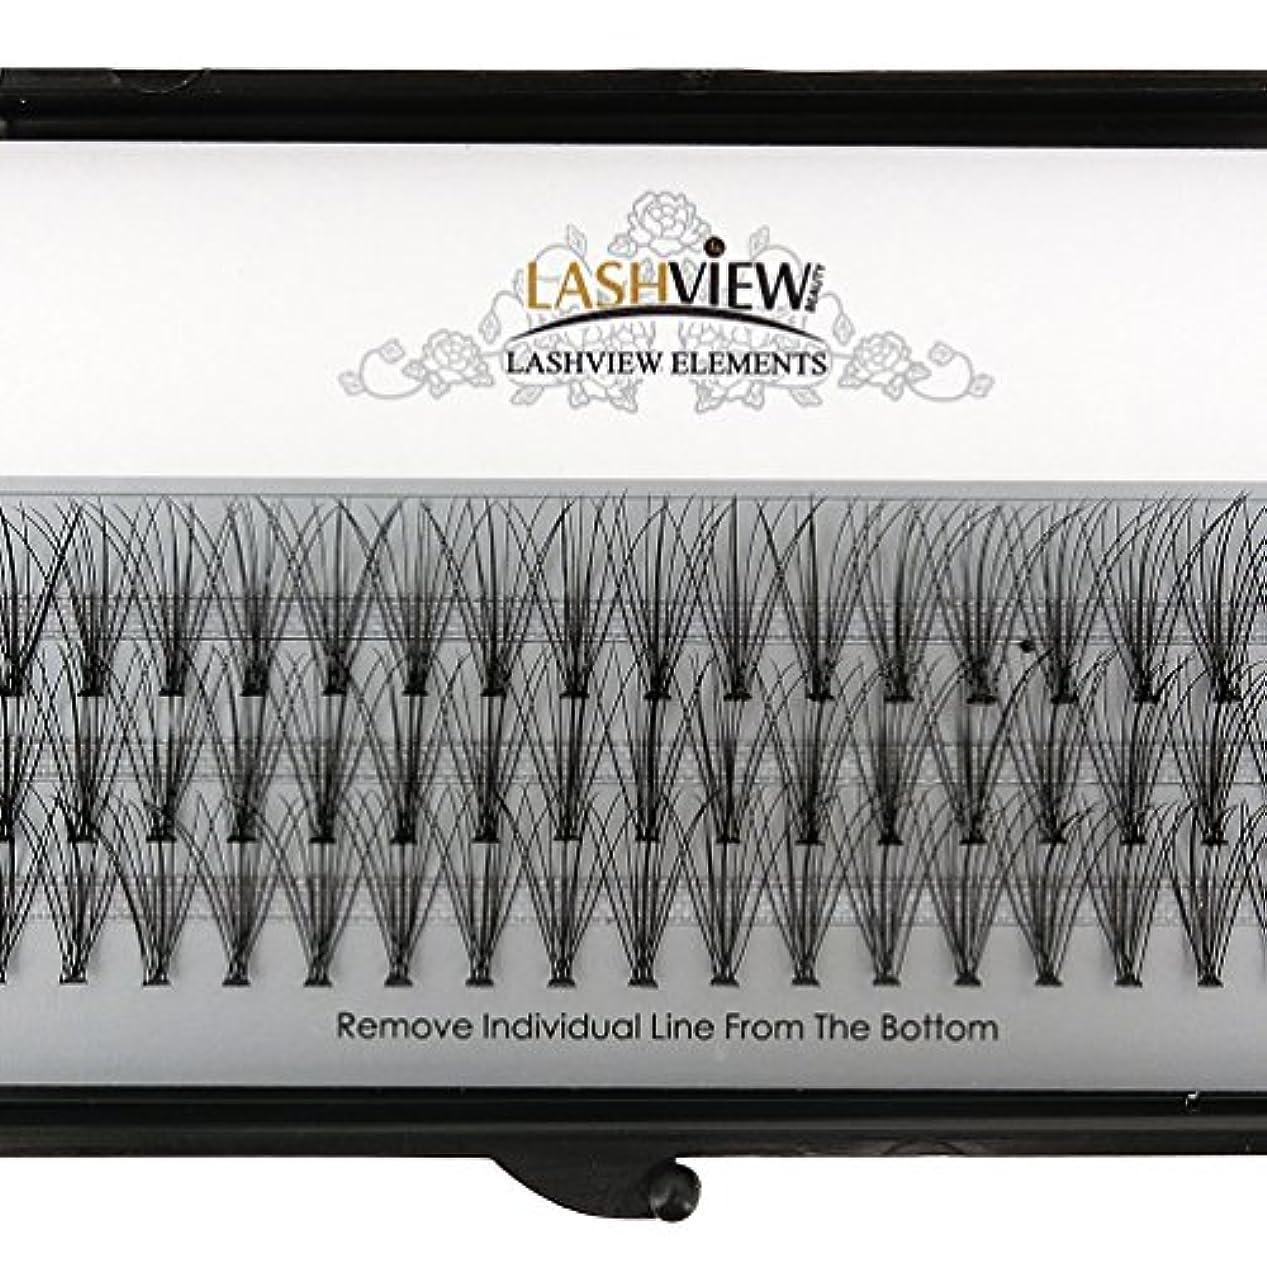 イブニング一般的な市の花LASHVIEW 高品質まつげエクステ太さ0.10mm Cカール フレア セルフ用 素材 10本束12mm マツエク